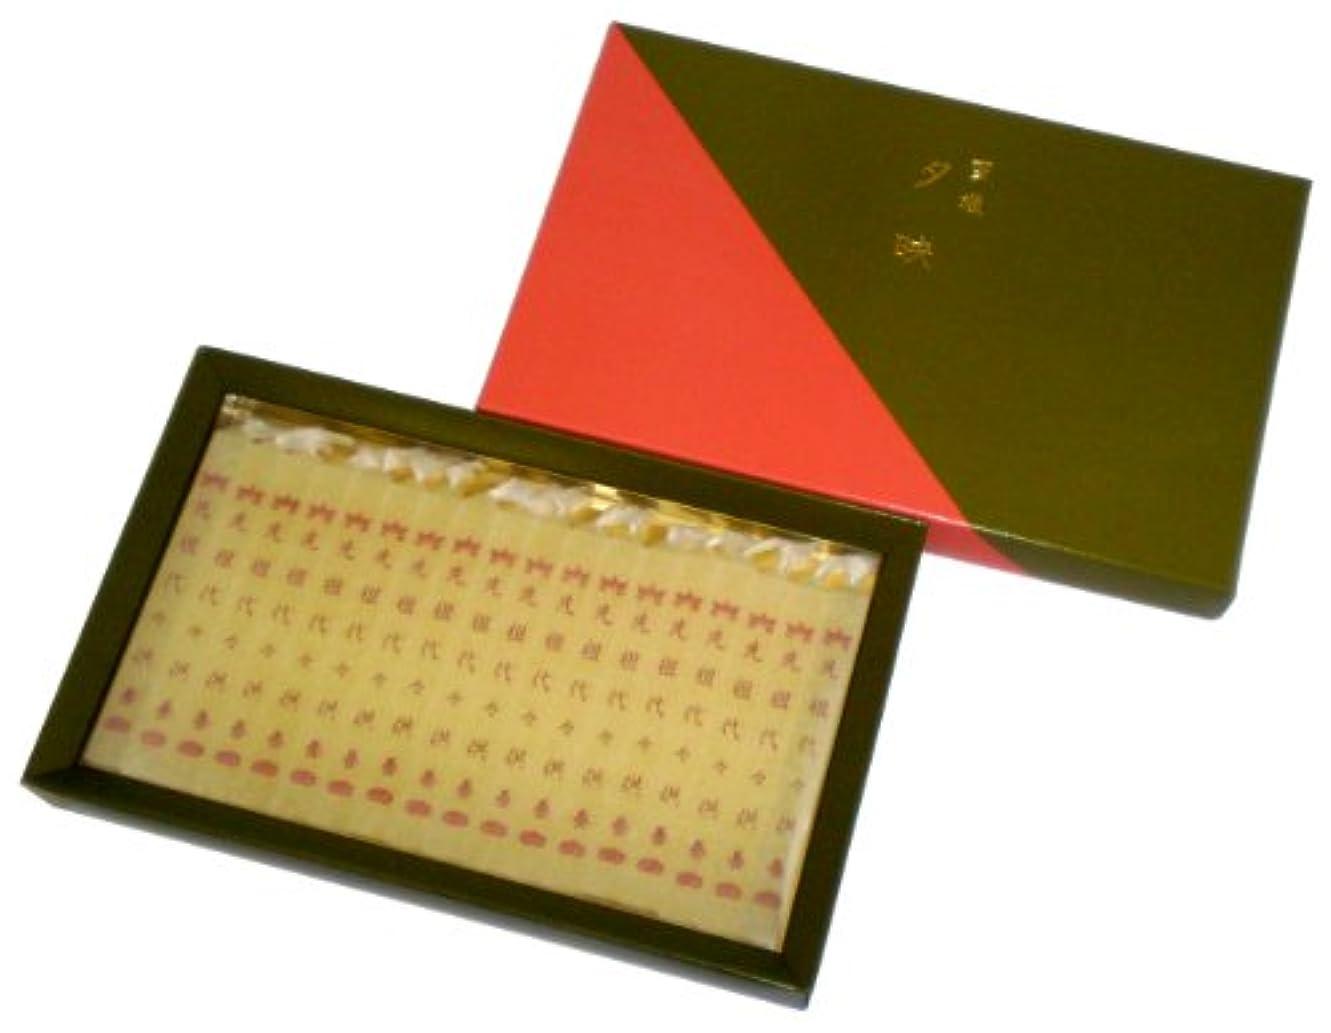 絵危険を冒します偏見鳥居のローソク 蜜蝋夕映 先祖 18本入 紙箱 #100753